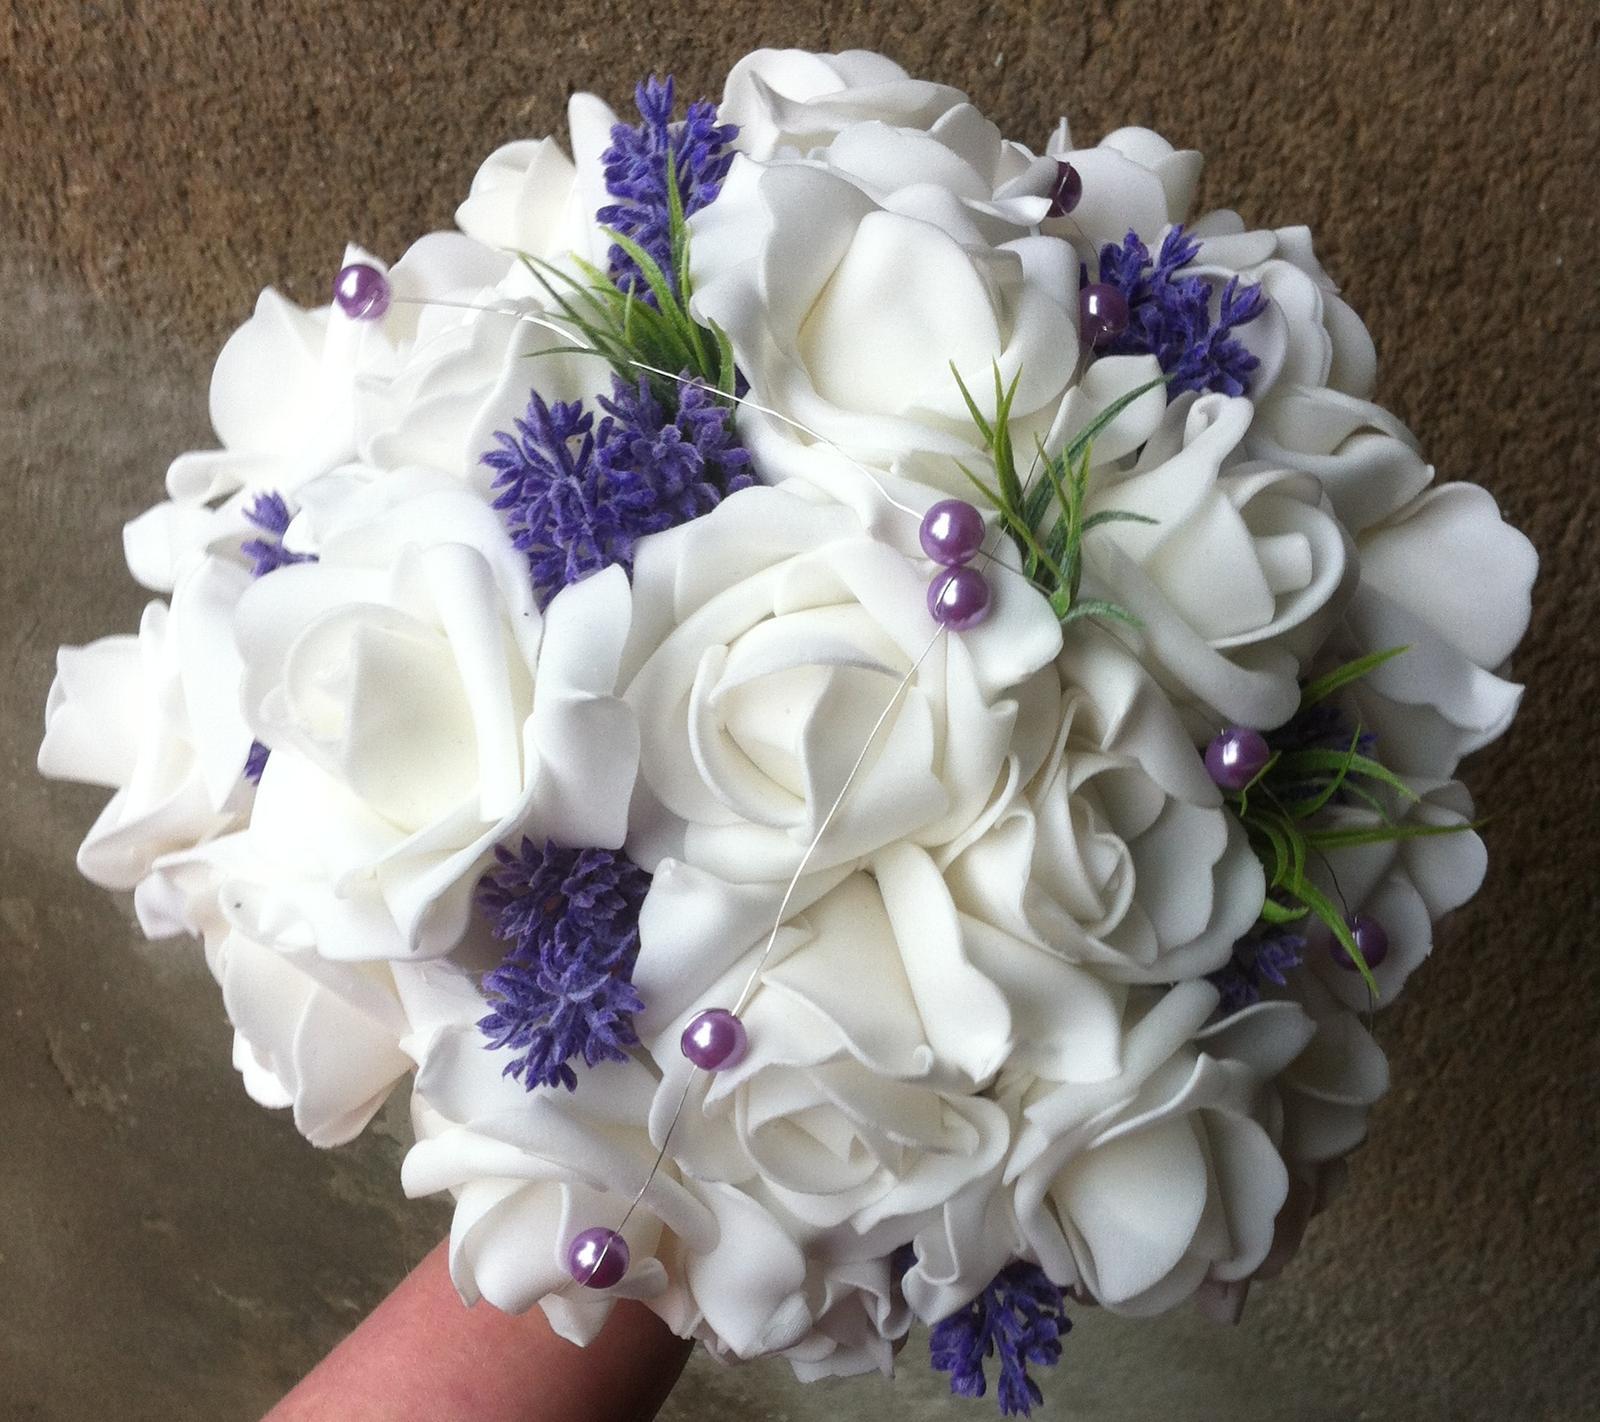 Netradiční svatební kytice - pěnové růžičky + polštářky pod prstýnky, košíčky - -Levandulová-